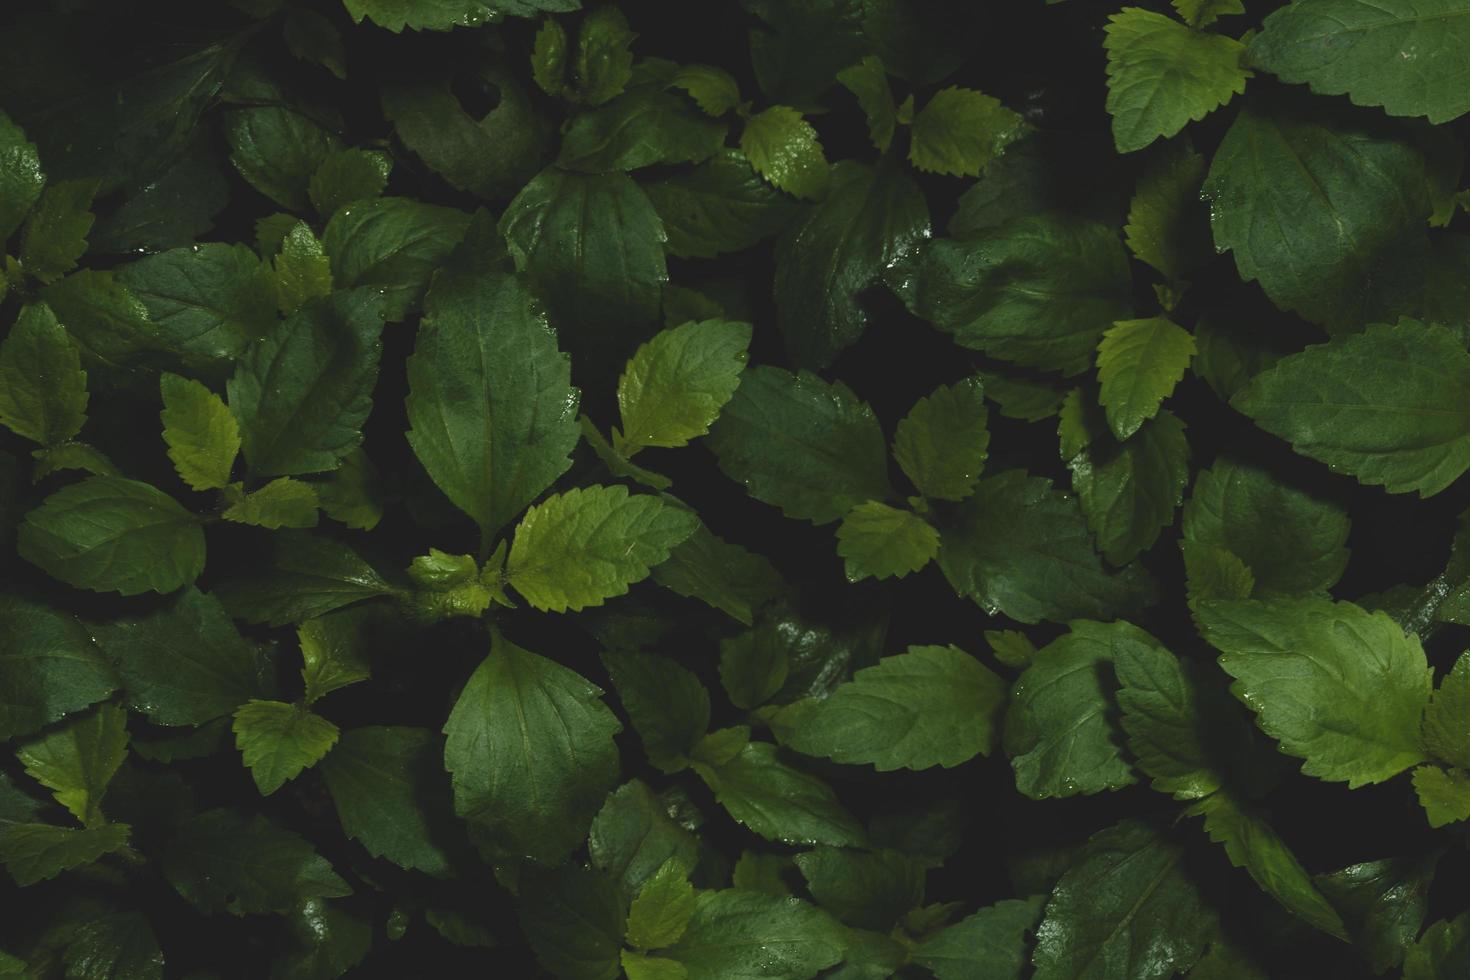 fond de feuilles sombres photo